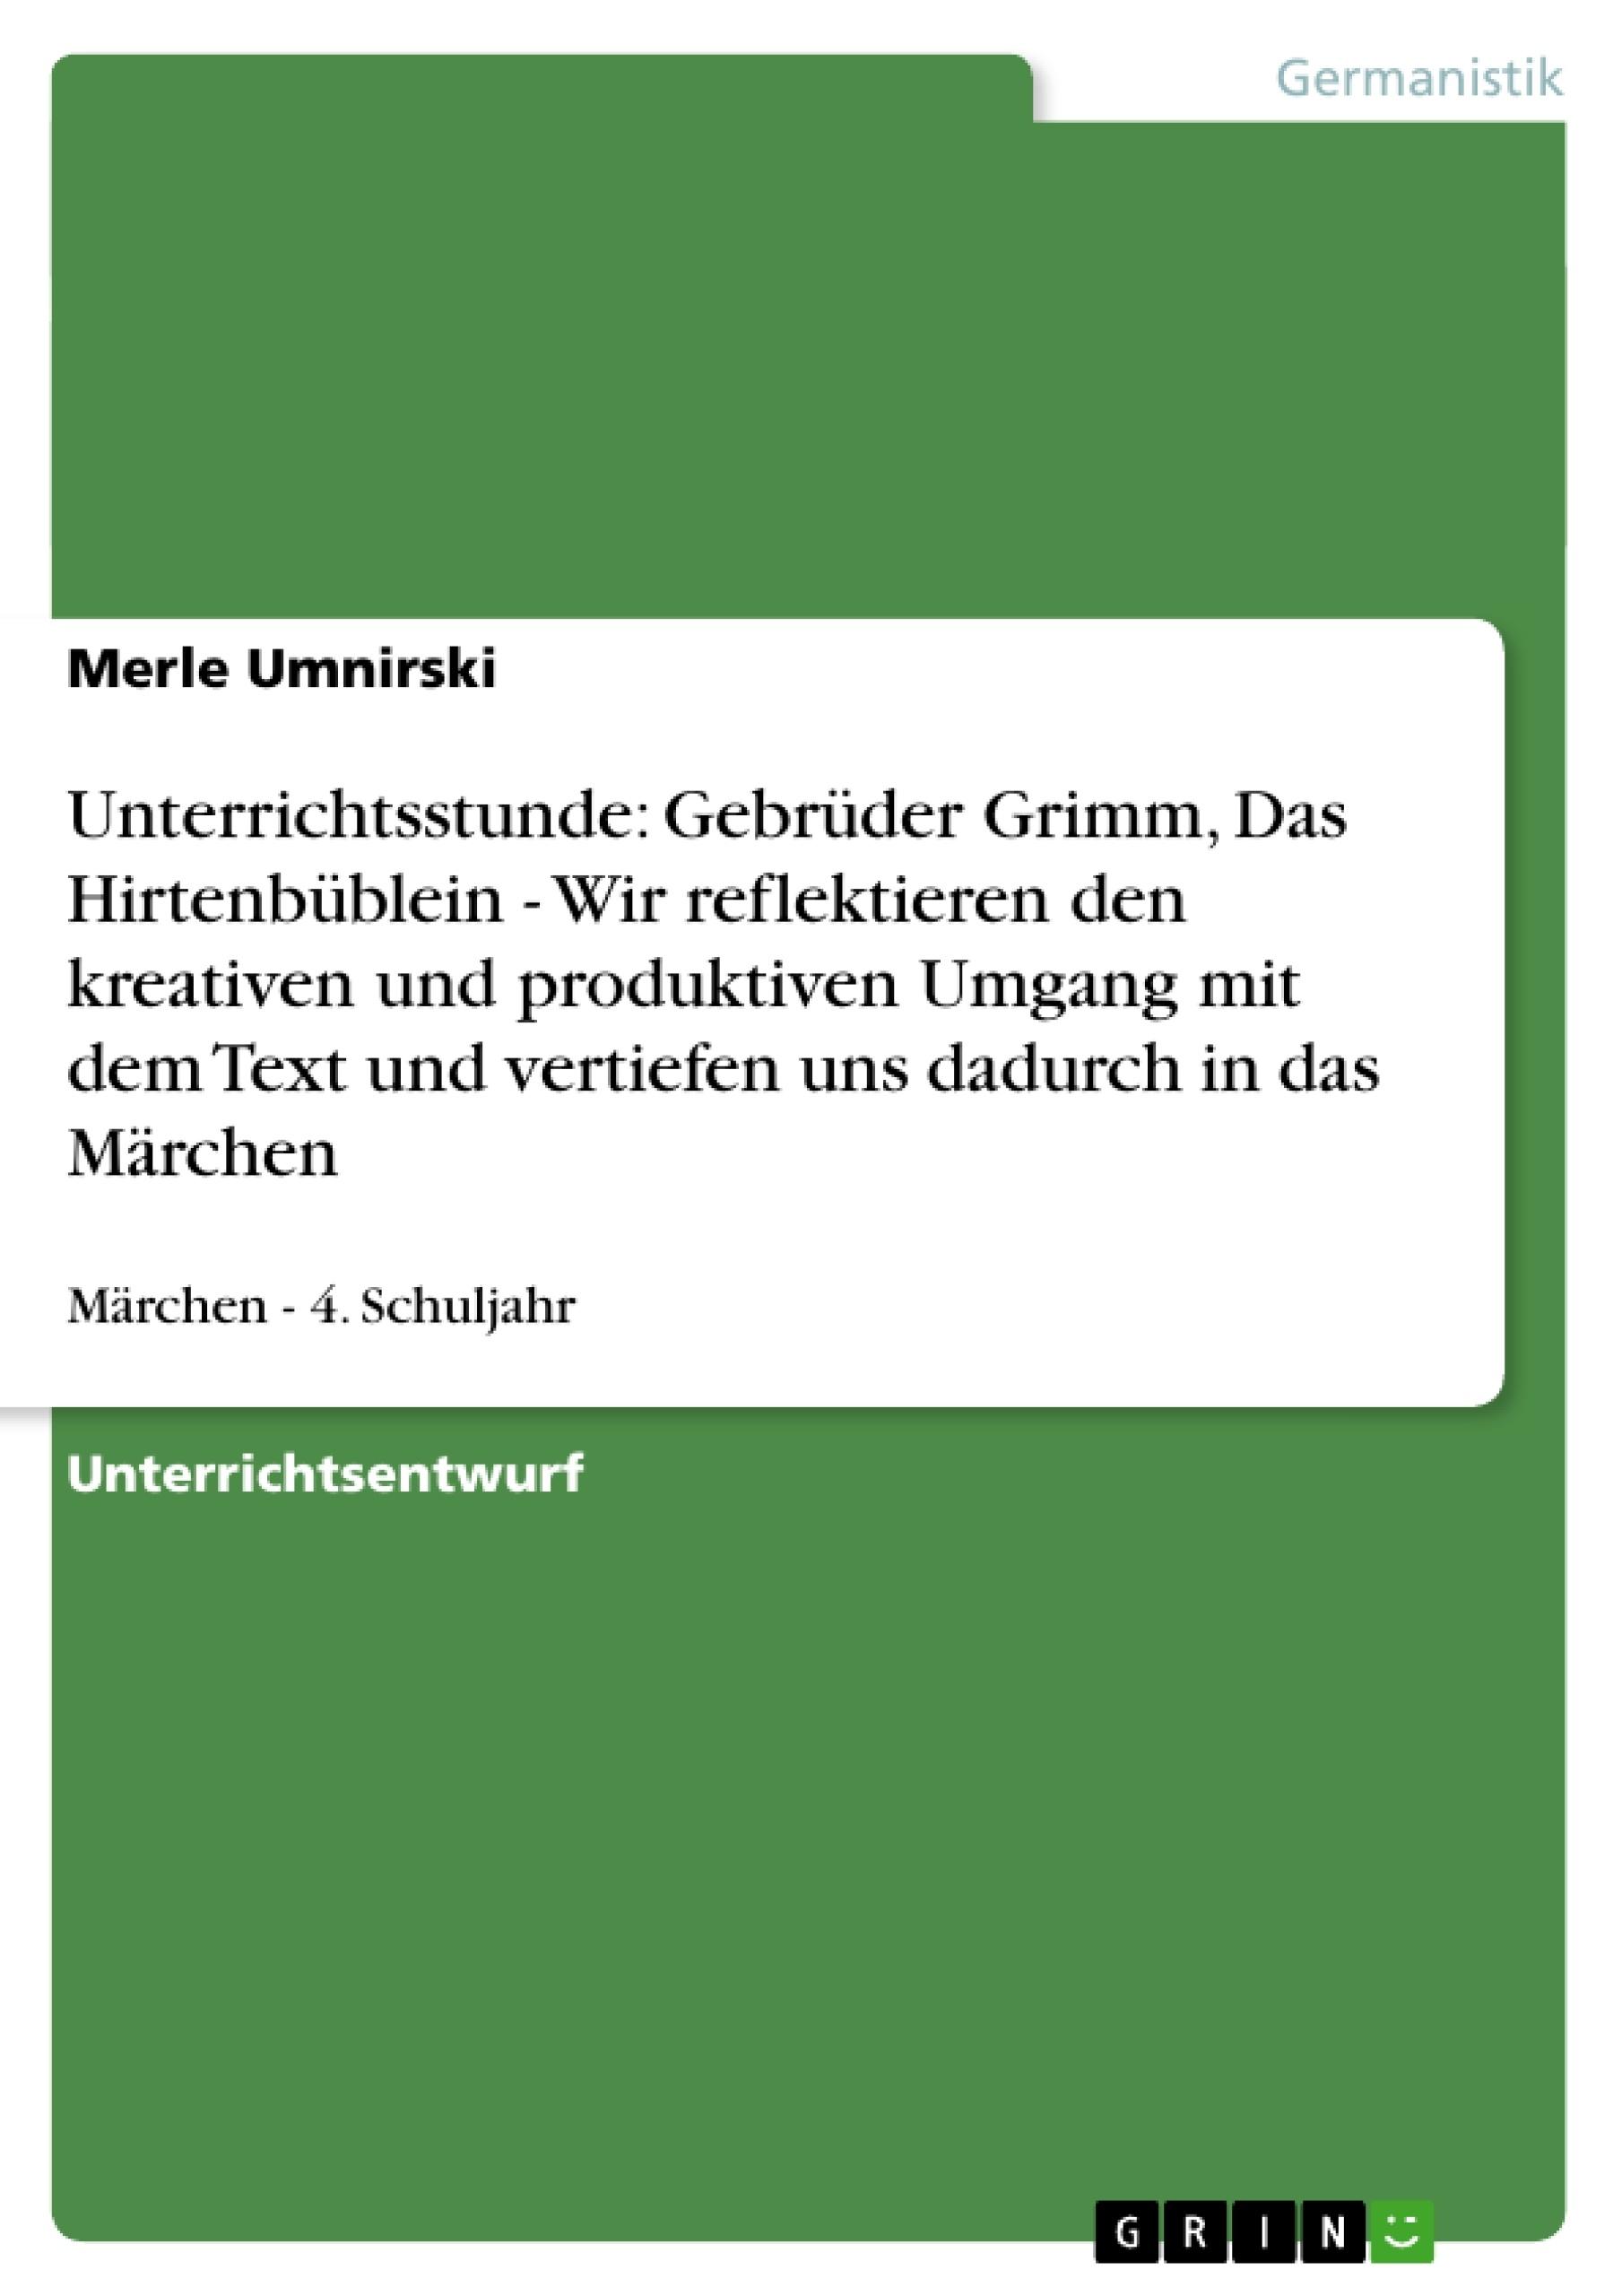 Titel: Unterrichtsstunde: Gebrüder Grimm, Das Hirtenbüblein - Wir reflektieren den kreativen und produktiven Umgang mit dem Text und vertiefen uns dadurch in das Märchen